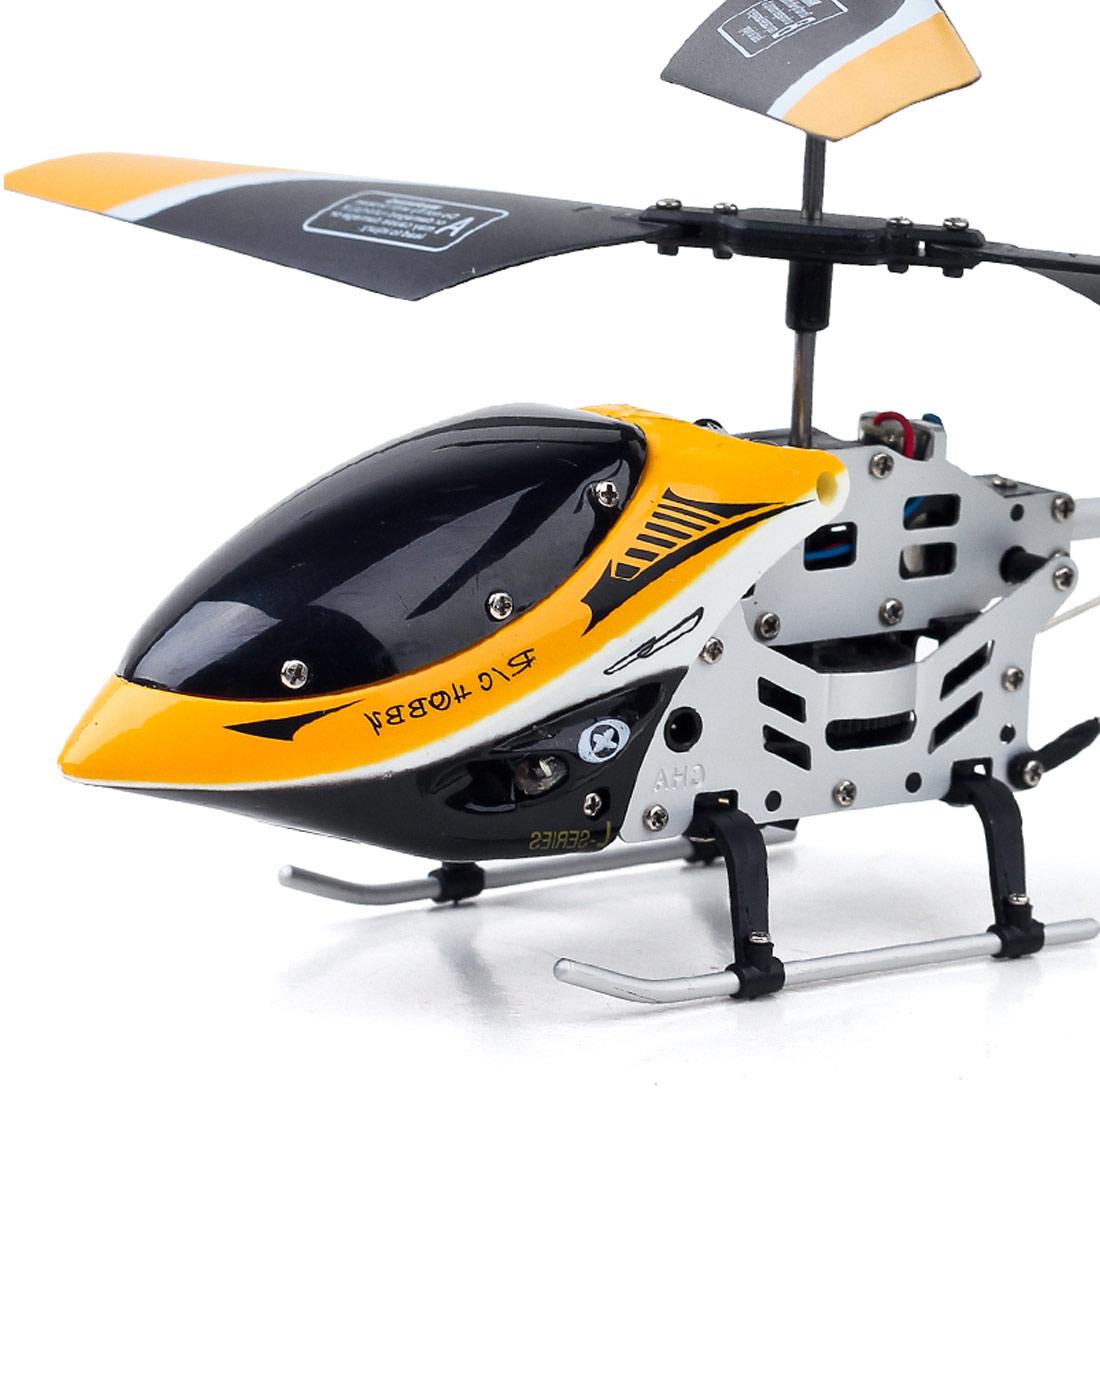 雅得钢铁侠遥控飞机直升机三通带陀螺仪